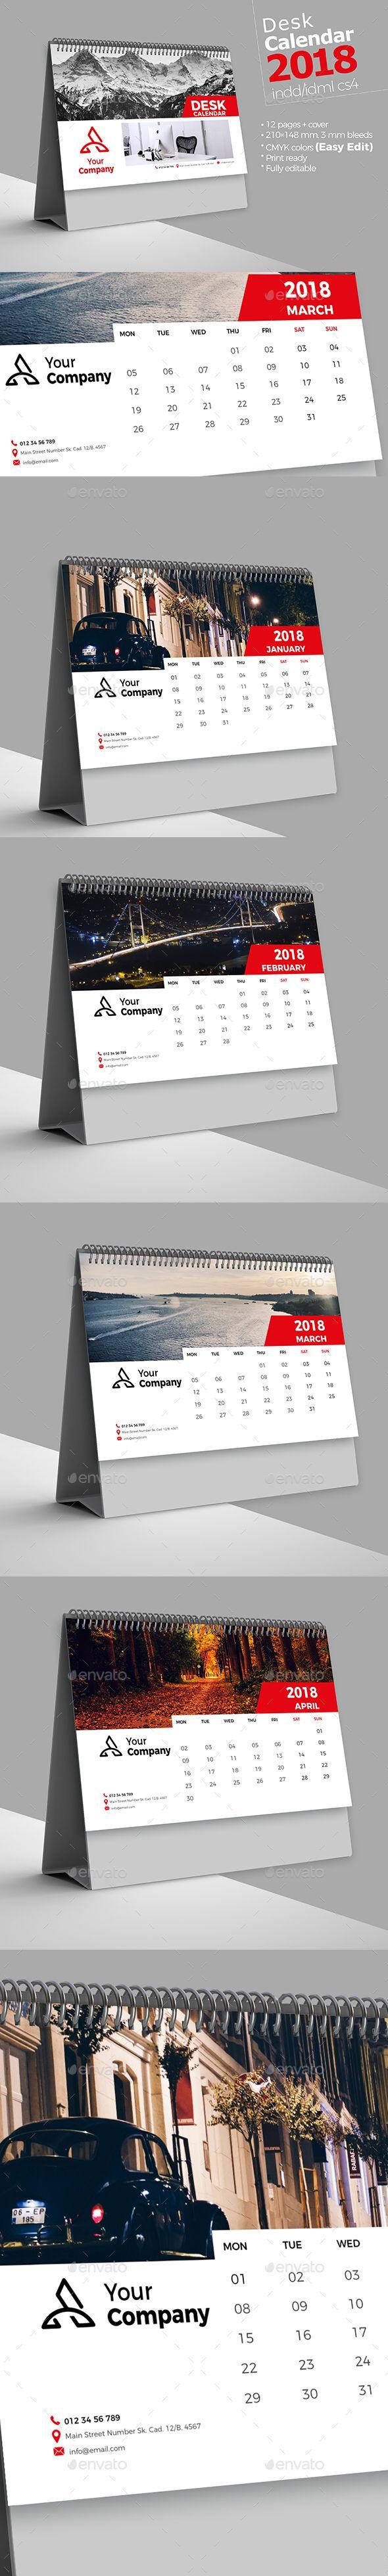 Desk Calendar 2018 Template InDesign INDD #design